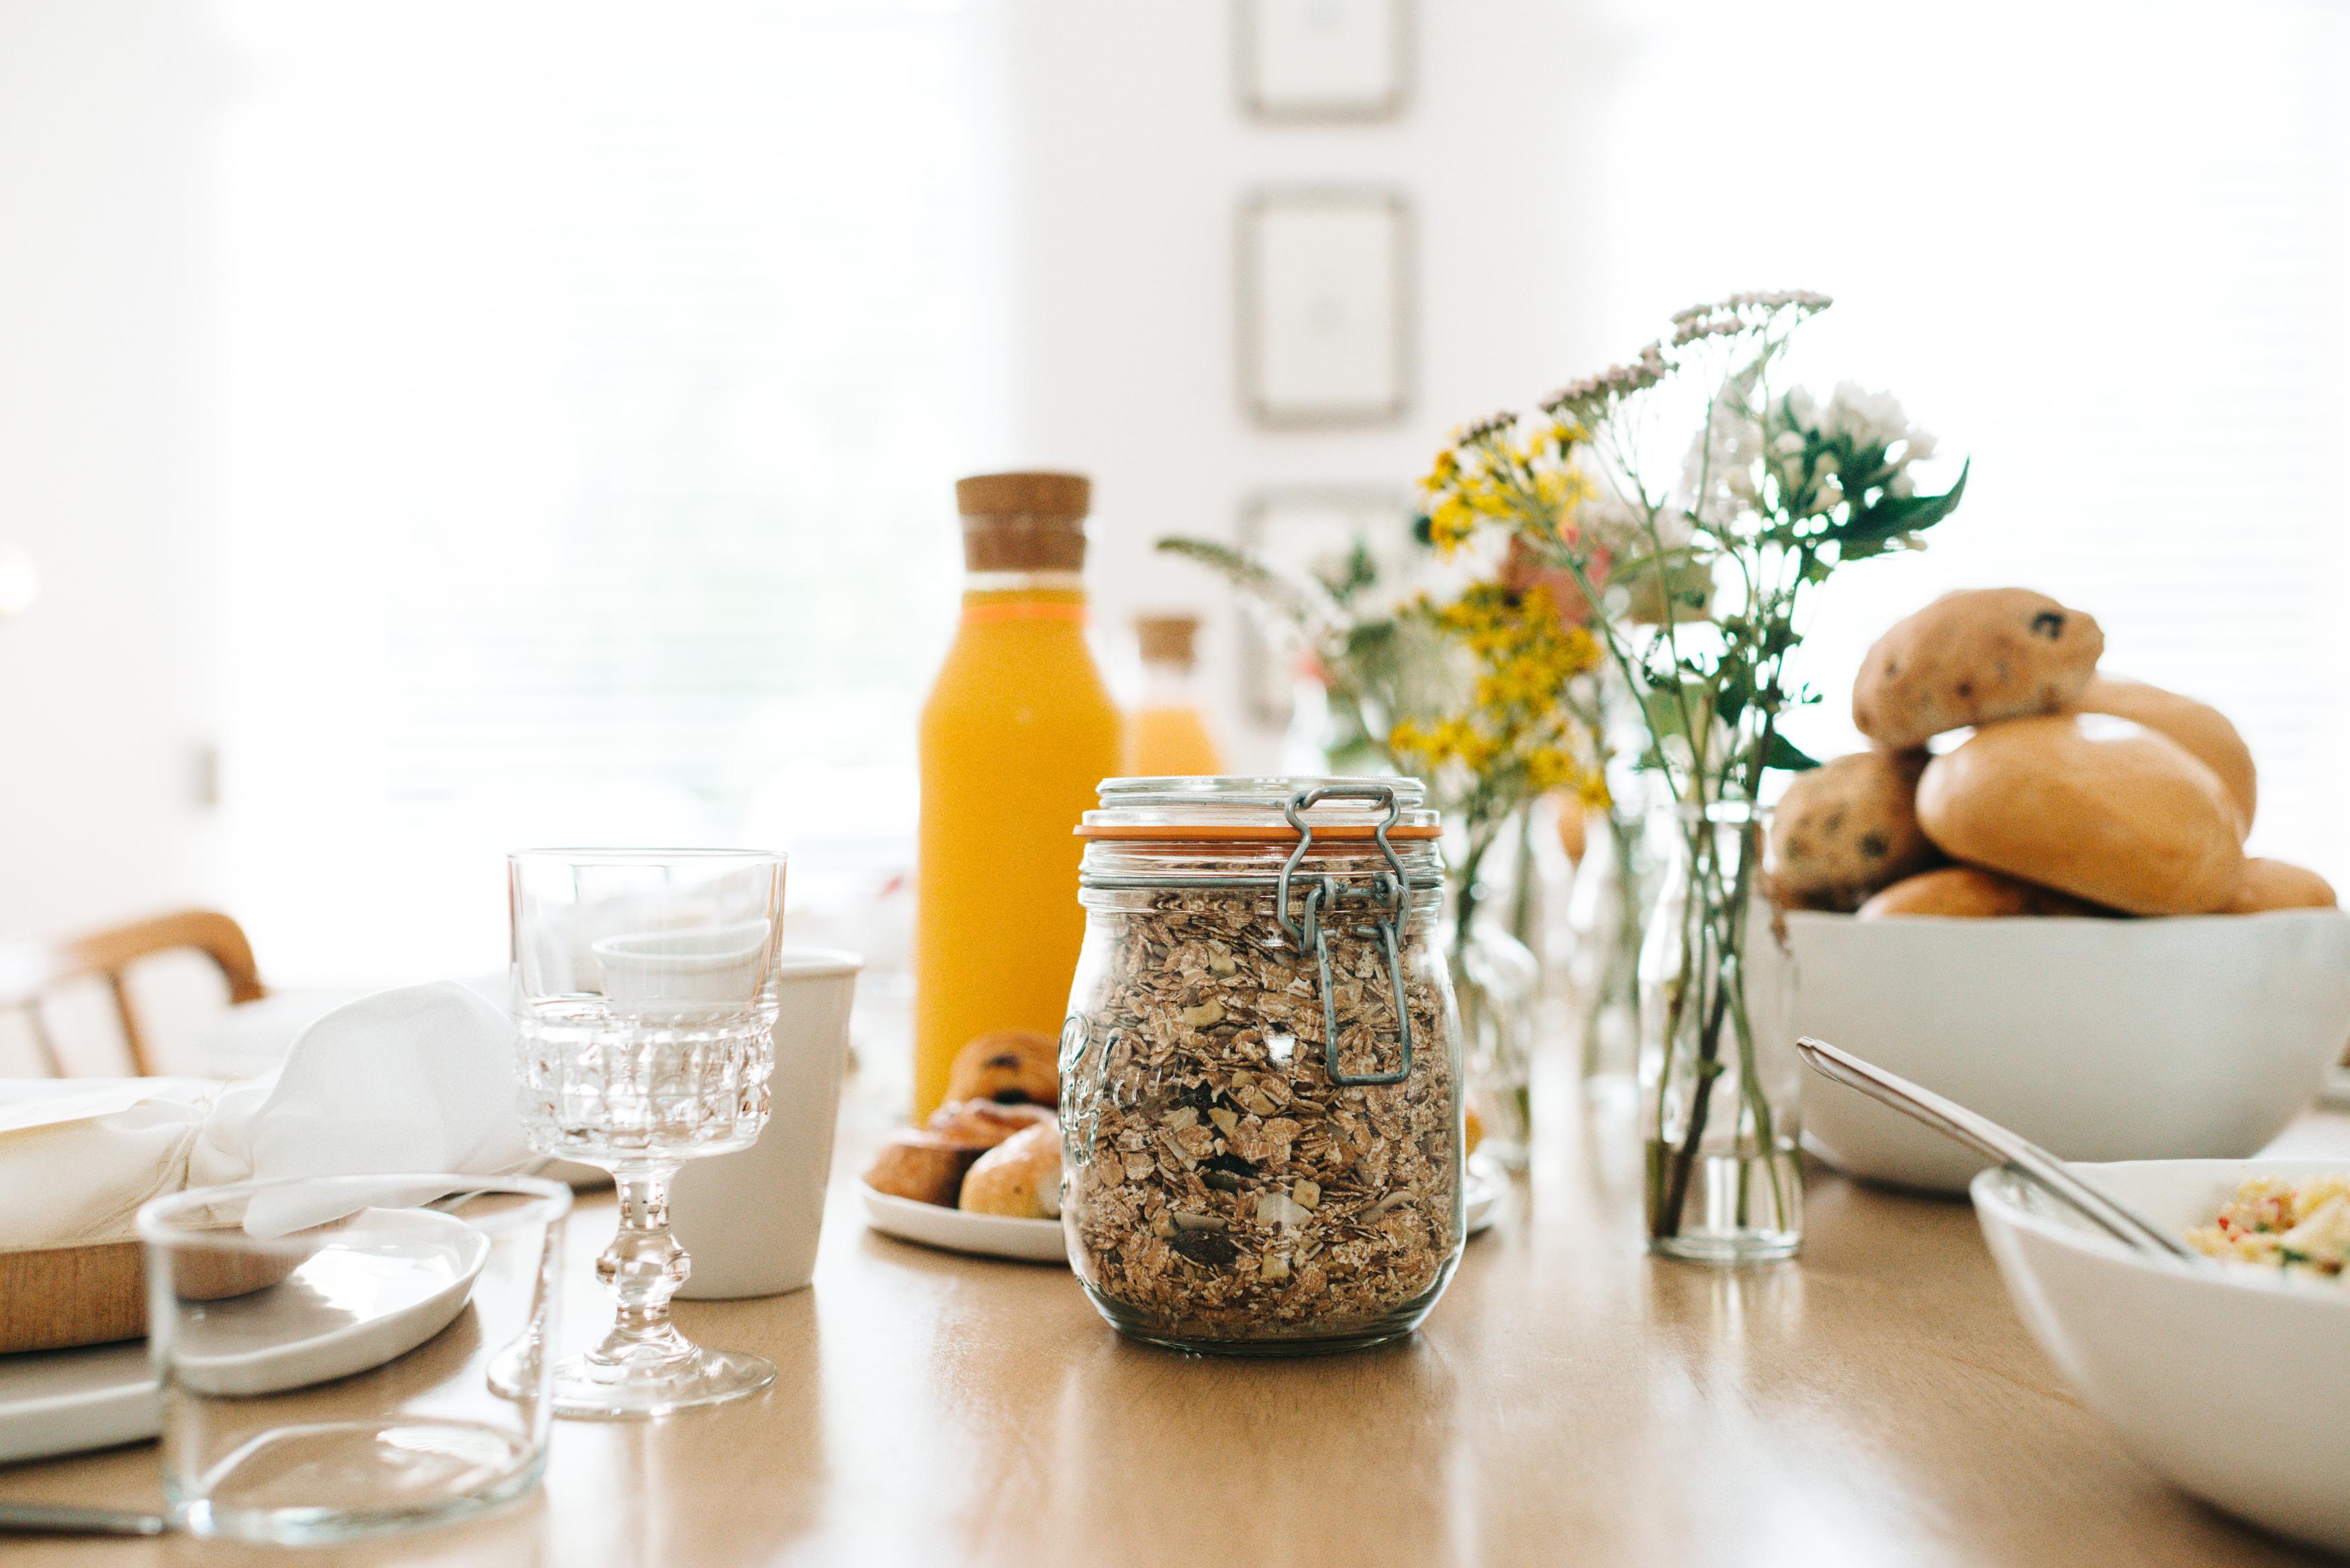 breakfastwithmabel-juli16-melissamilis-5